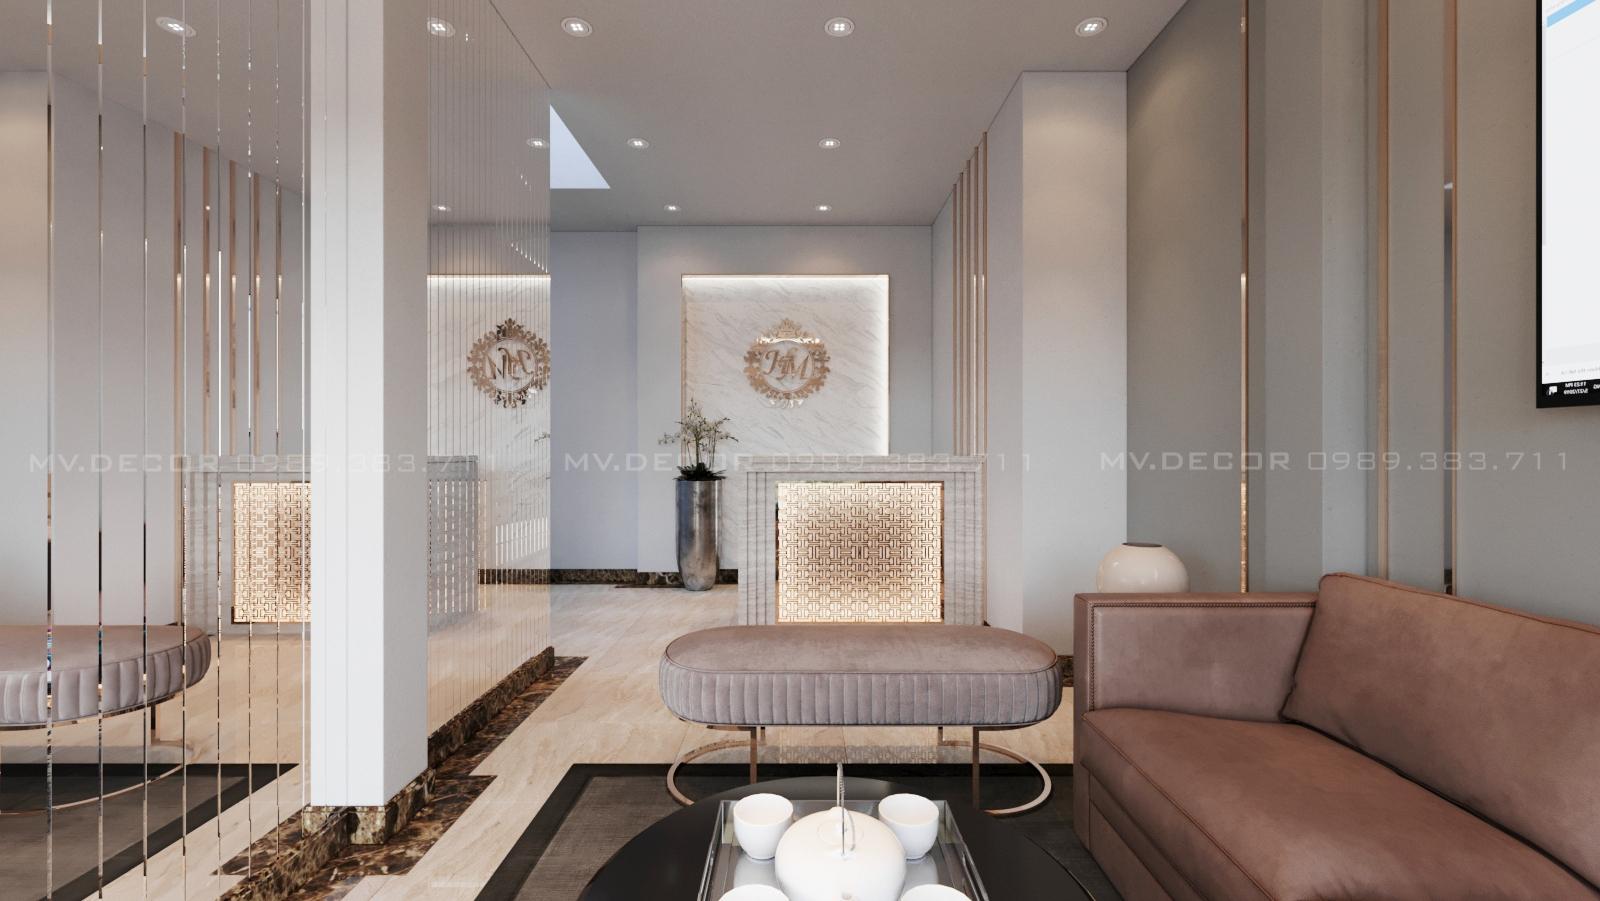 thiết kế nội thất Spa tại Hồ Chí Minh CHI NHÁNH MI HƯƠNG SPA HỒ CHÍ MINH 2 1562719797